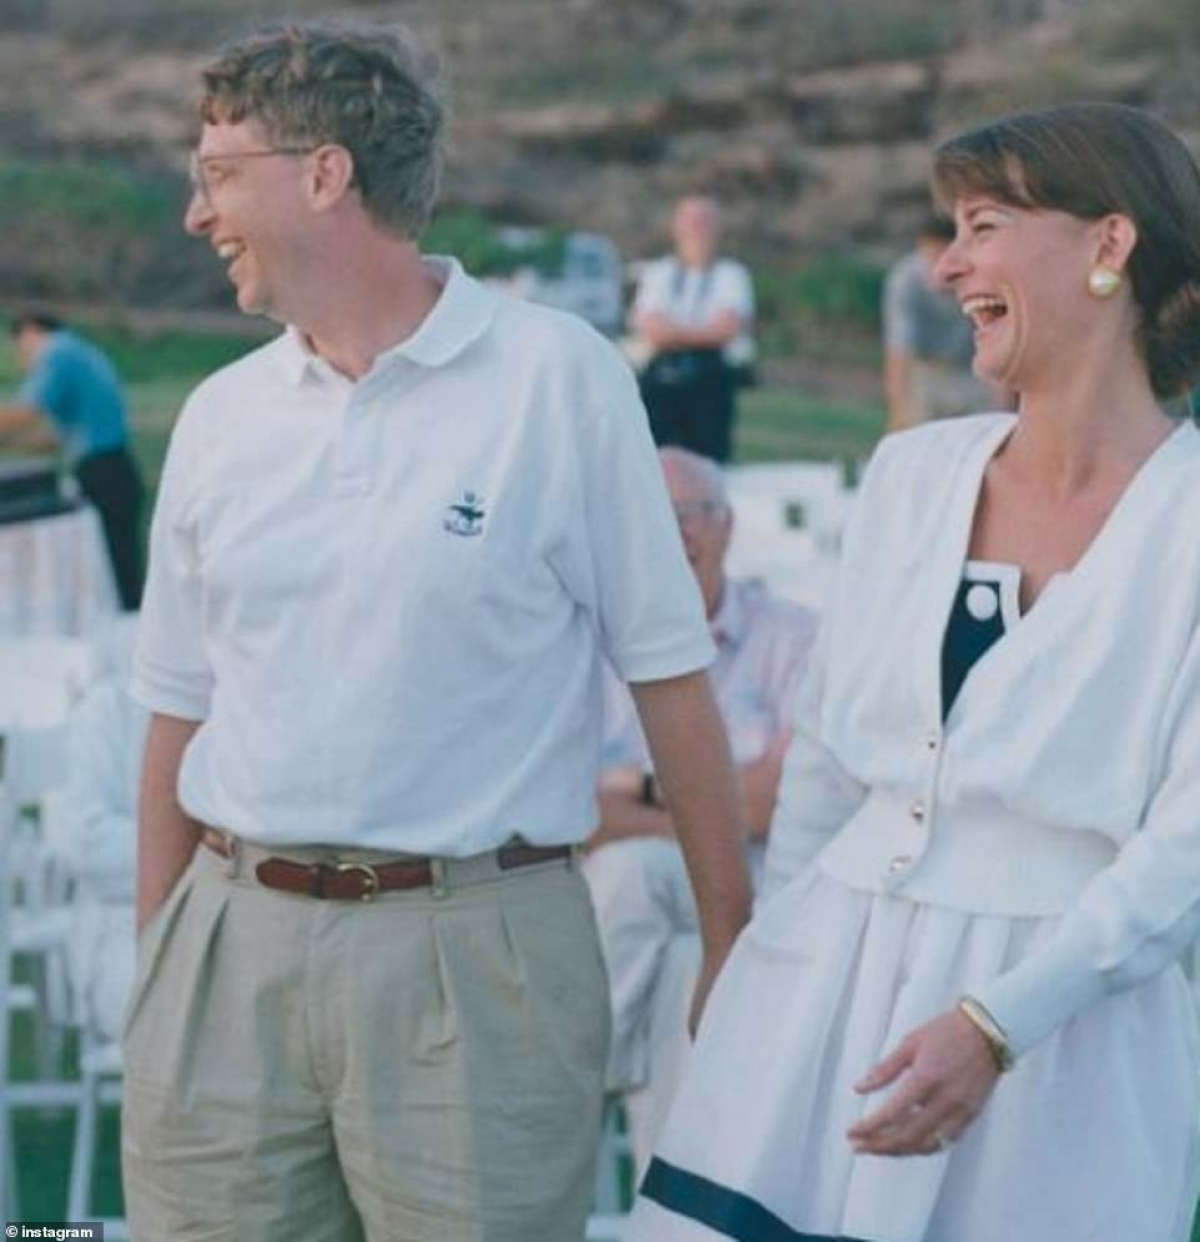 Bill Gates, 65 tuổi và vợ, 56 tuổi, gặp nhau tại công ty Microsoft do chính ông thành lập. Lúc đó, Bill Gates đang là giám đốc điều hành của công ty.Bà Melinda bắt đầu làm ở Microsoft với vị trí giám đốc sản phẩm.